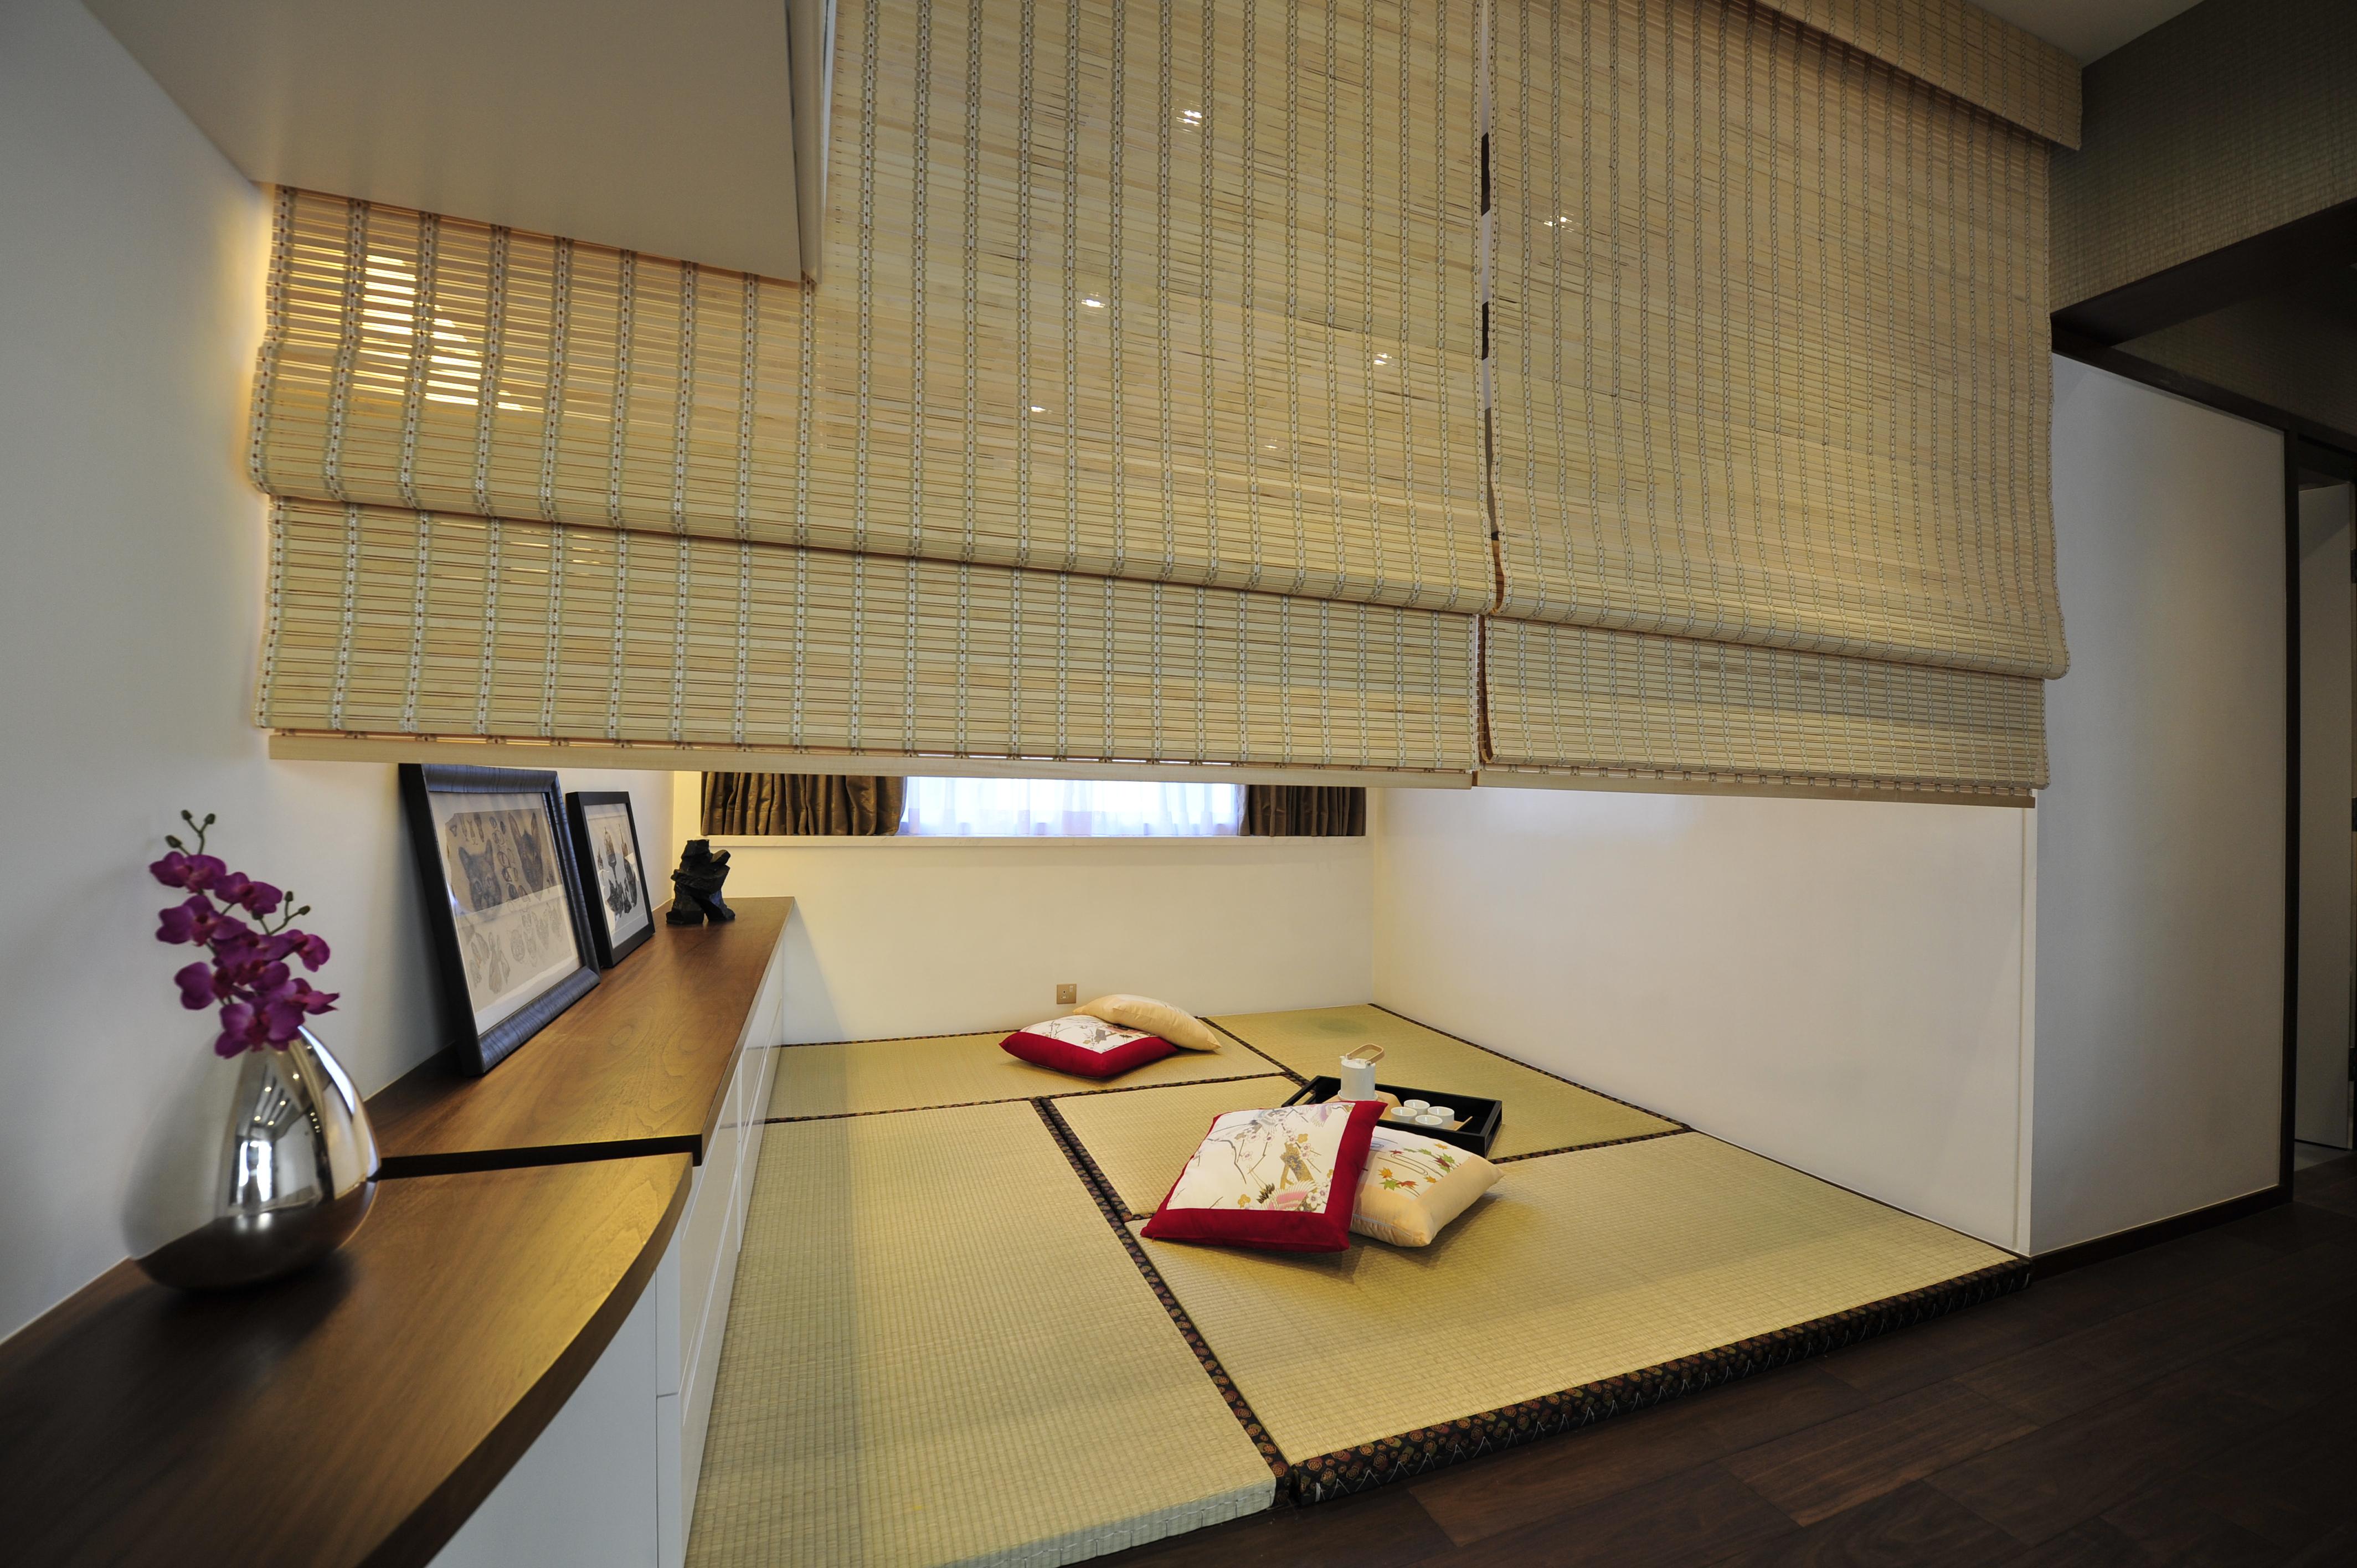 家居設計 Home Design HK 和室 Japanese Style Home (3)